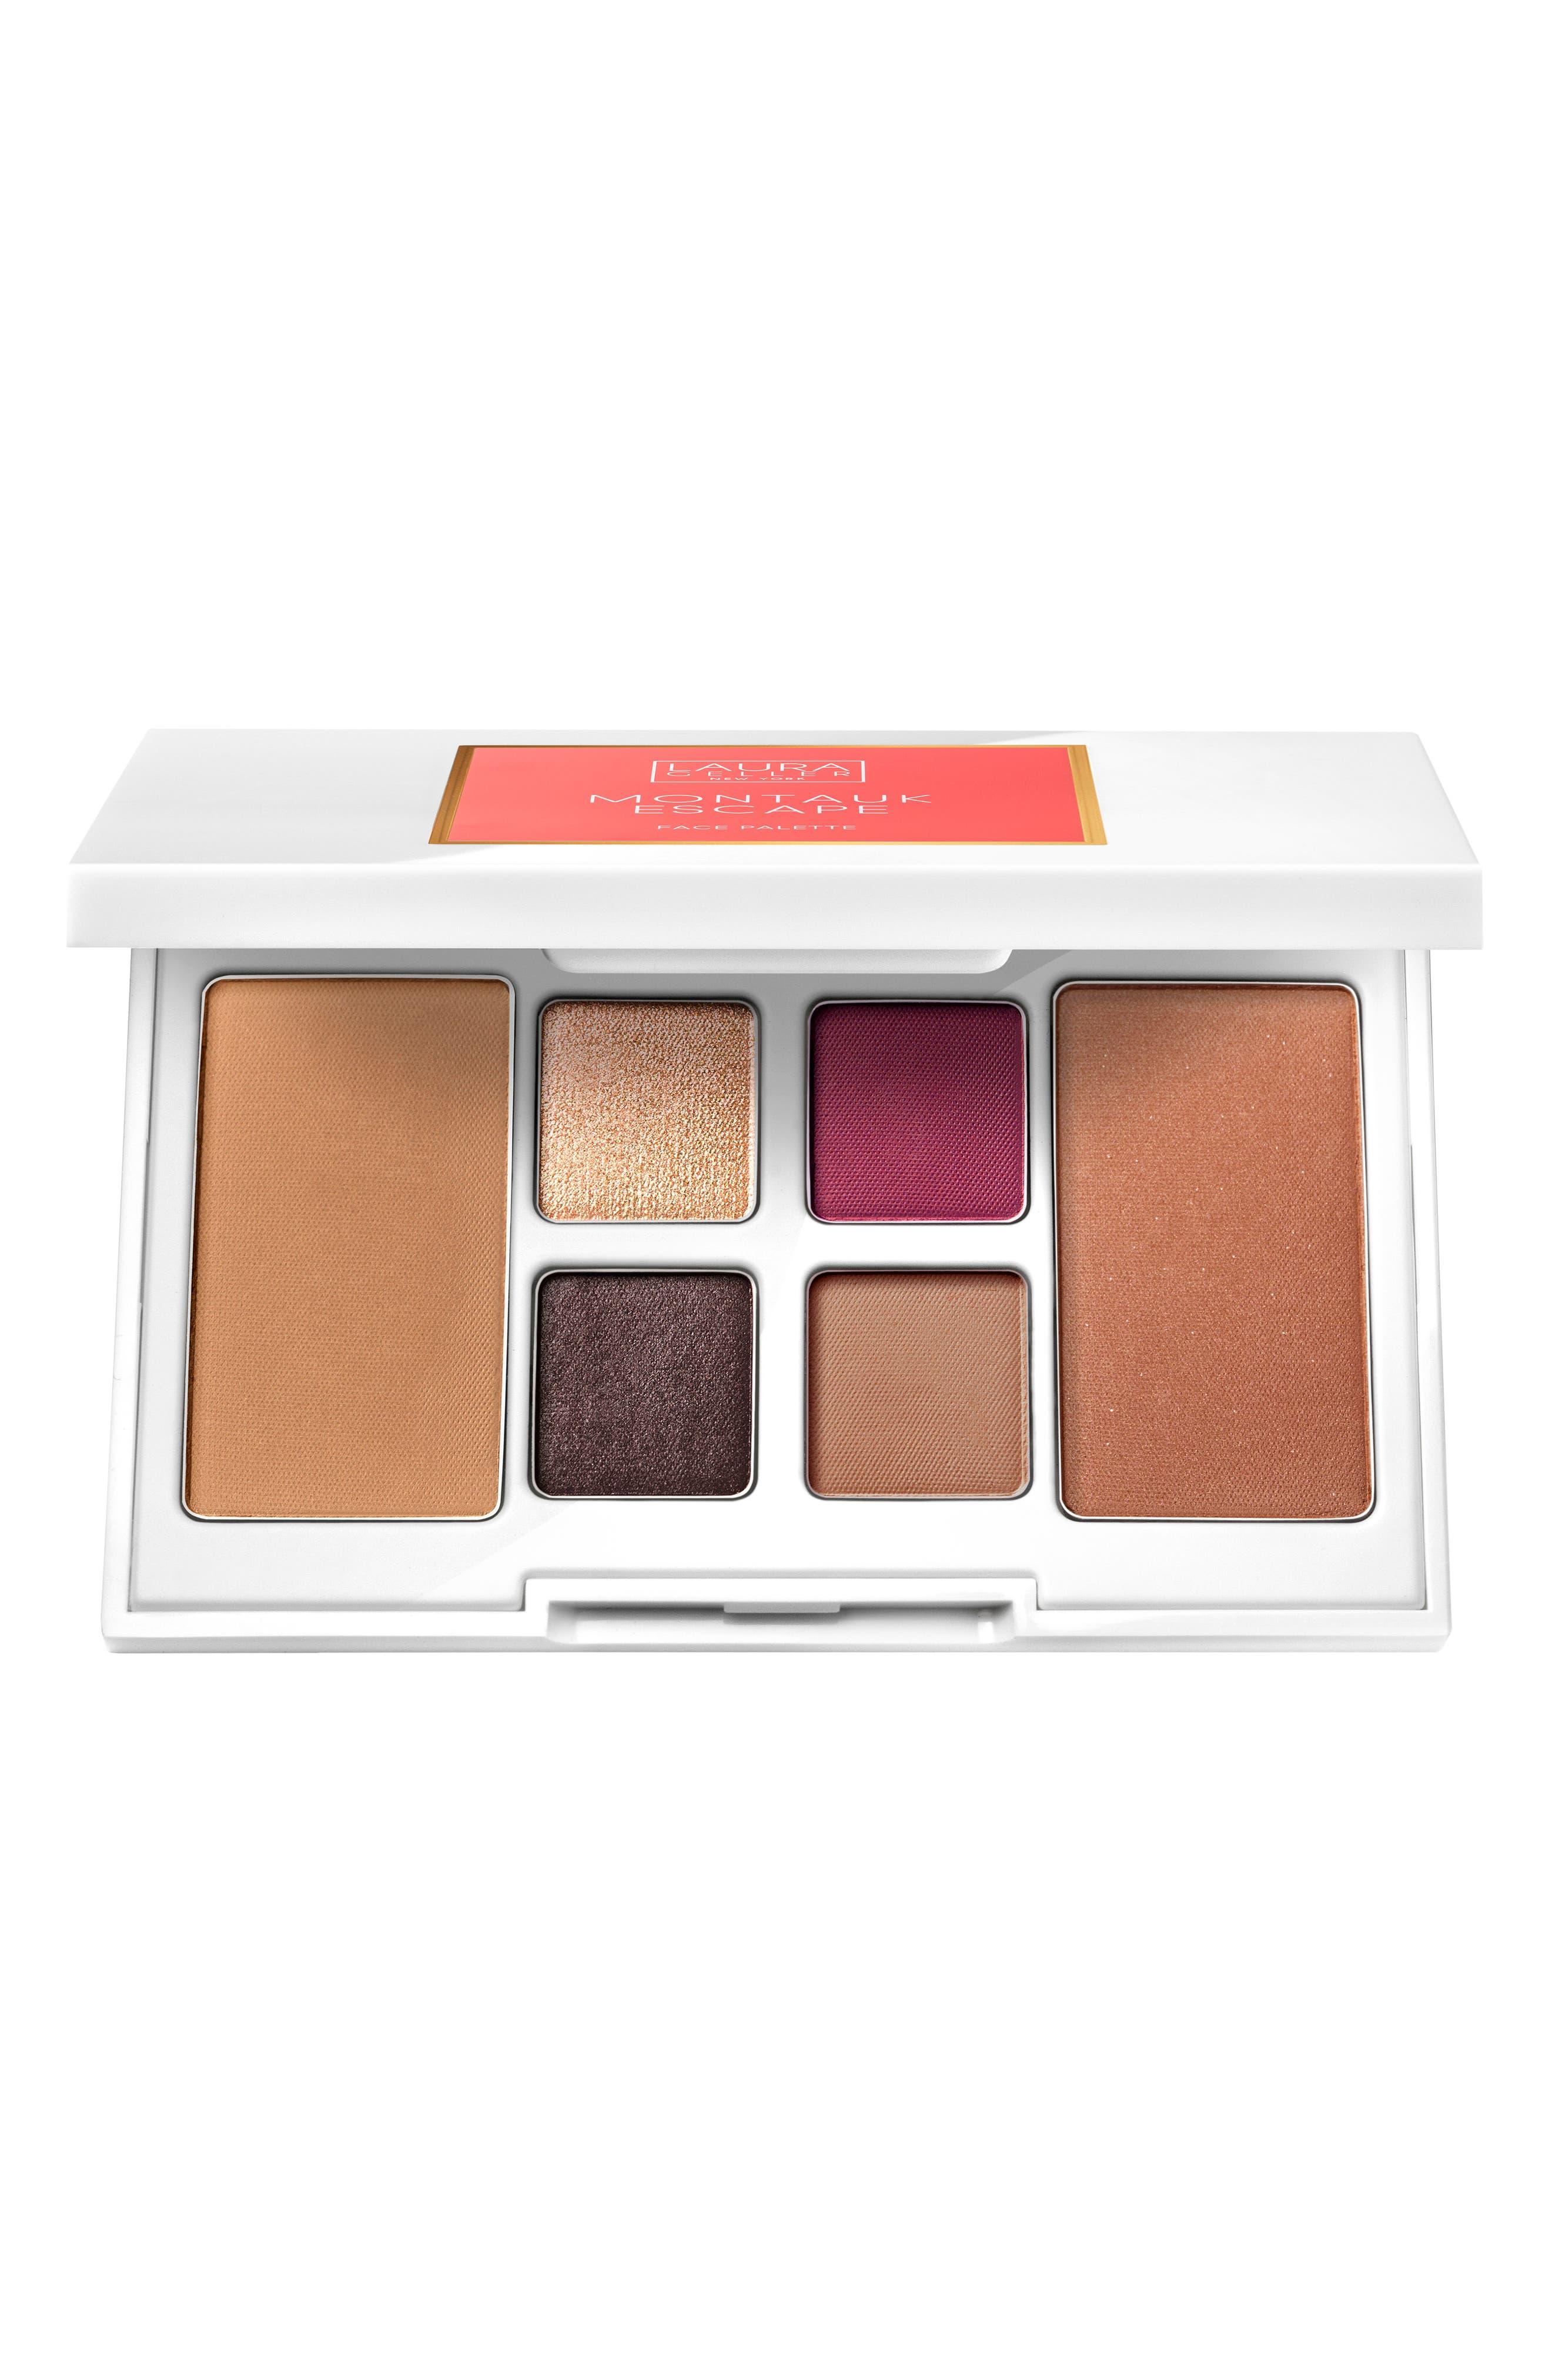 Main Image - Laura Geller Beauty Montauk Escape Face Palette (Limited Edition)